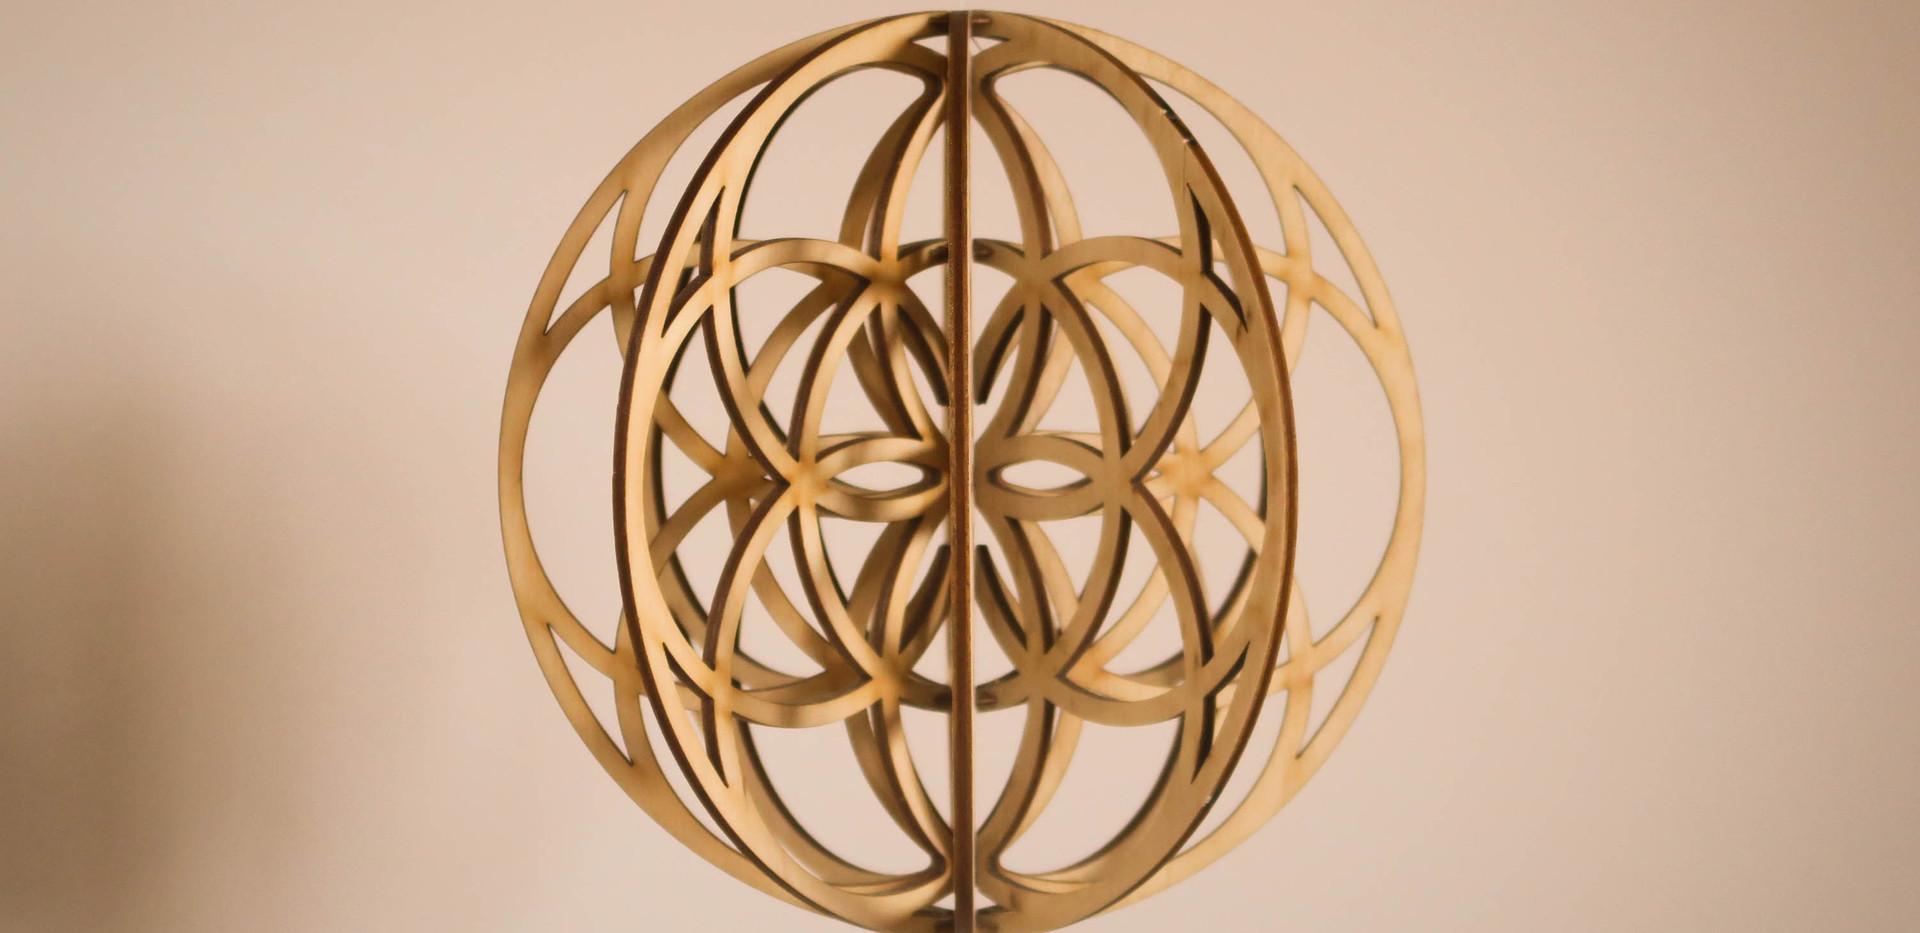 Circles in Circles n4 - small